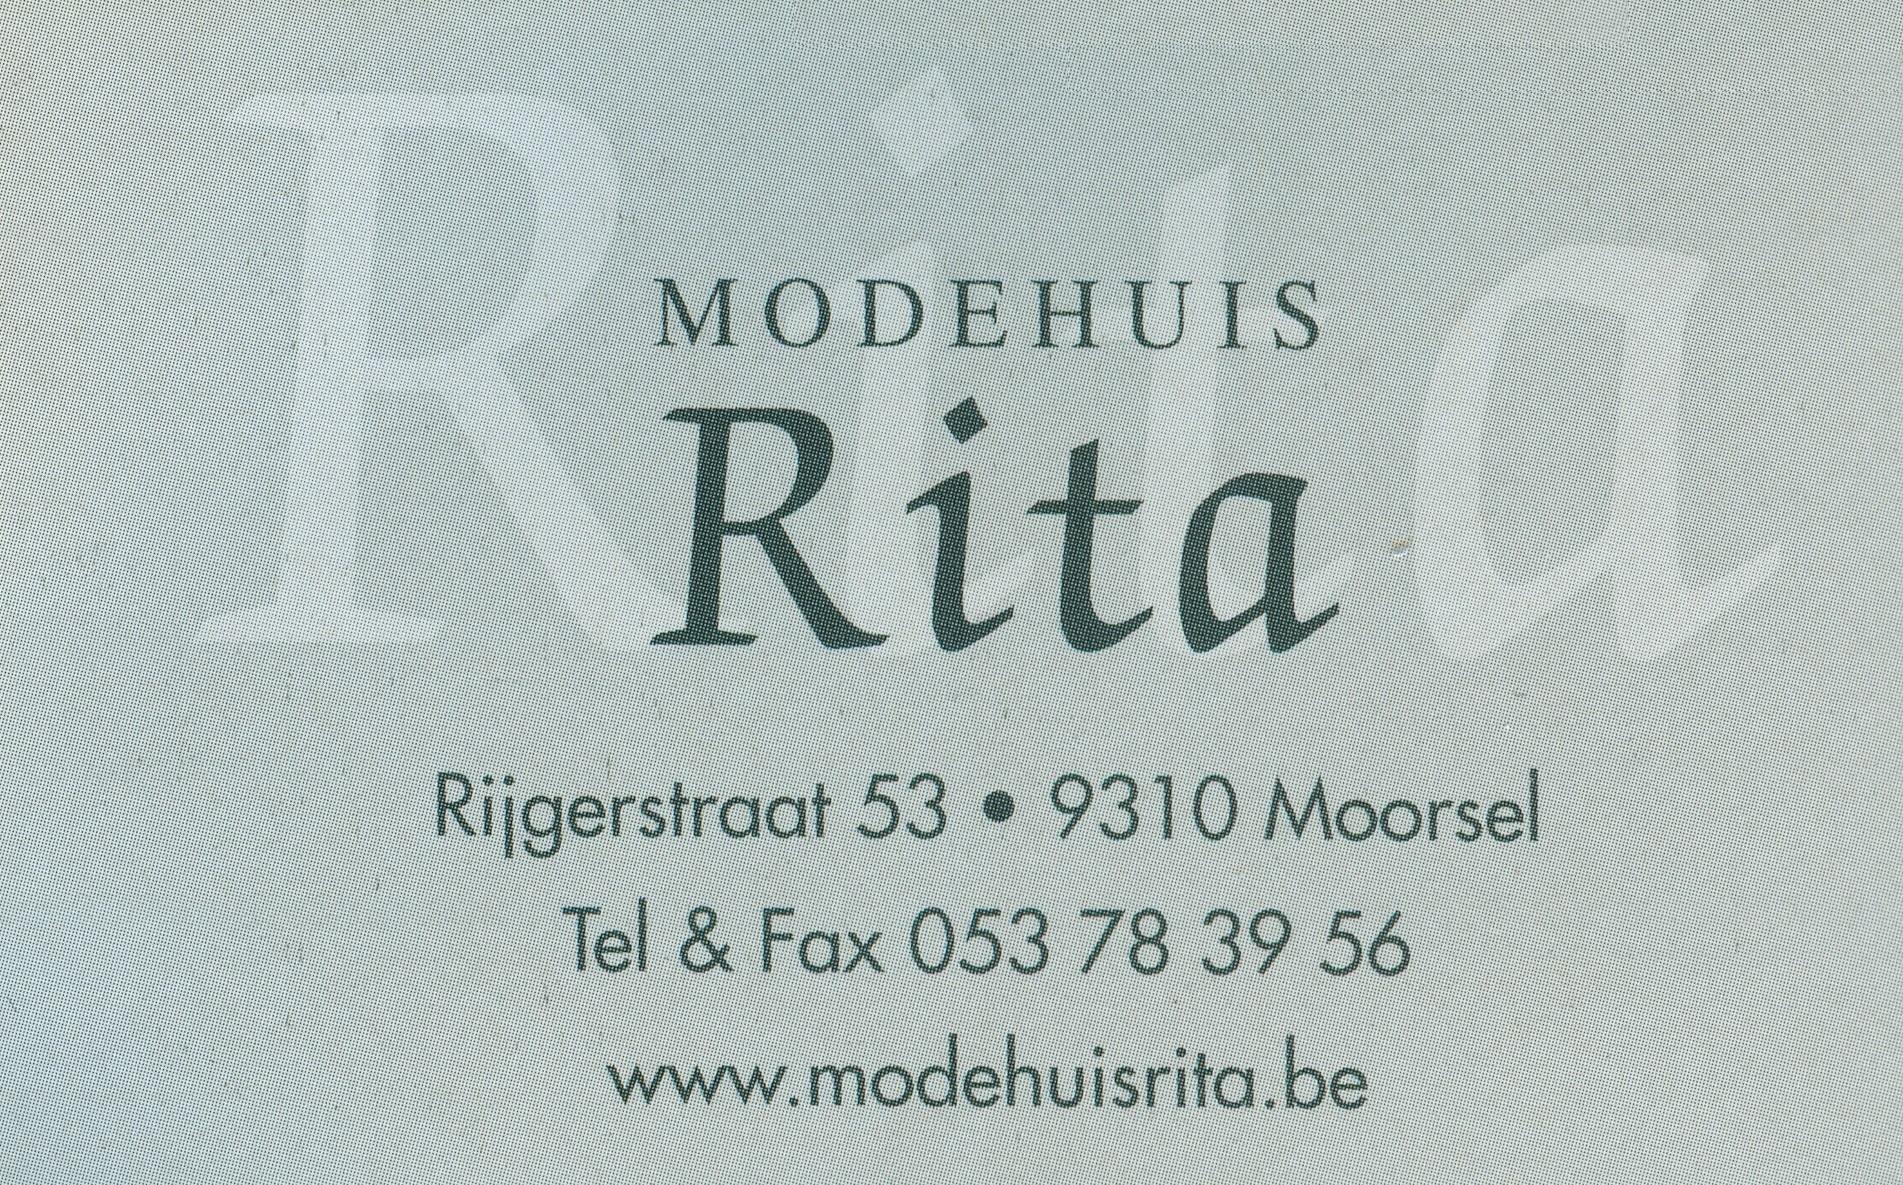 Modehuis Rita